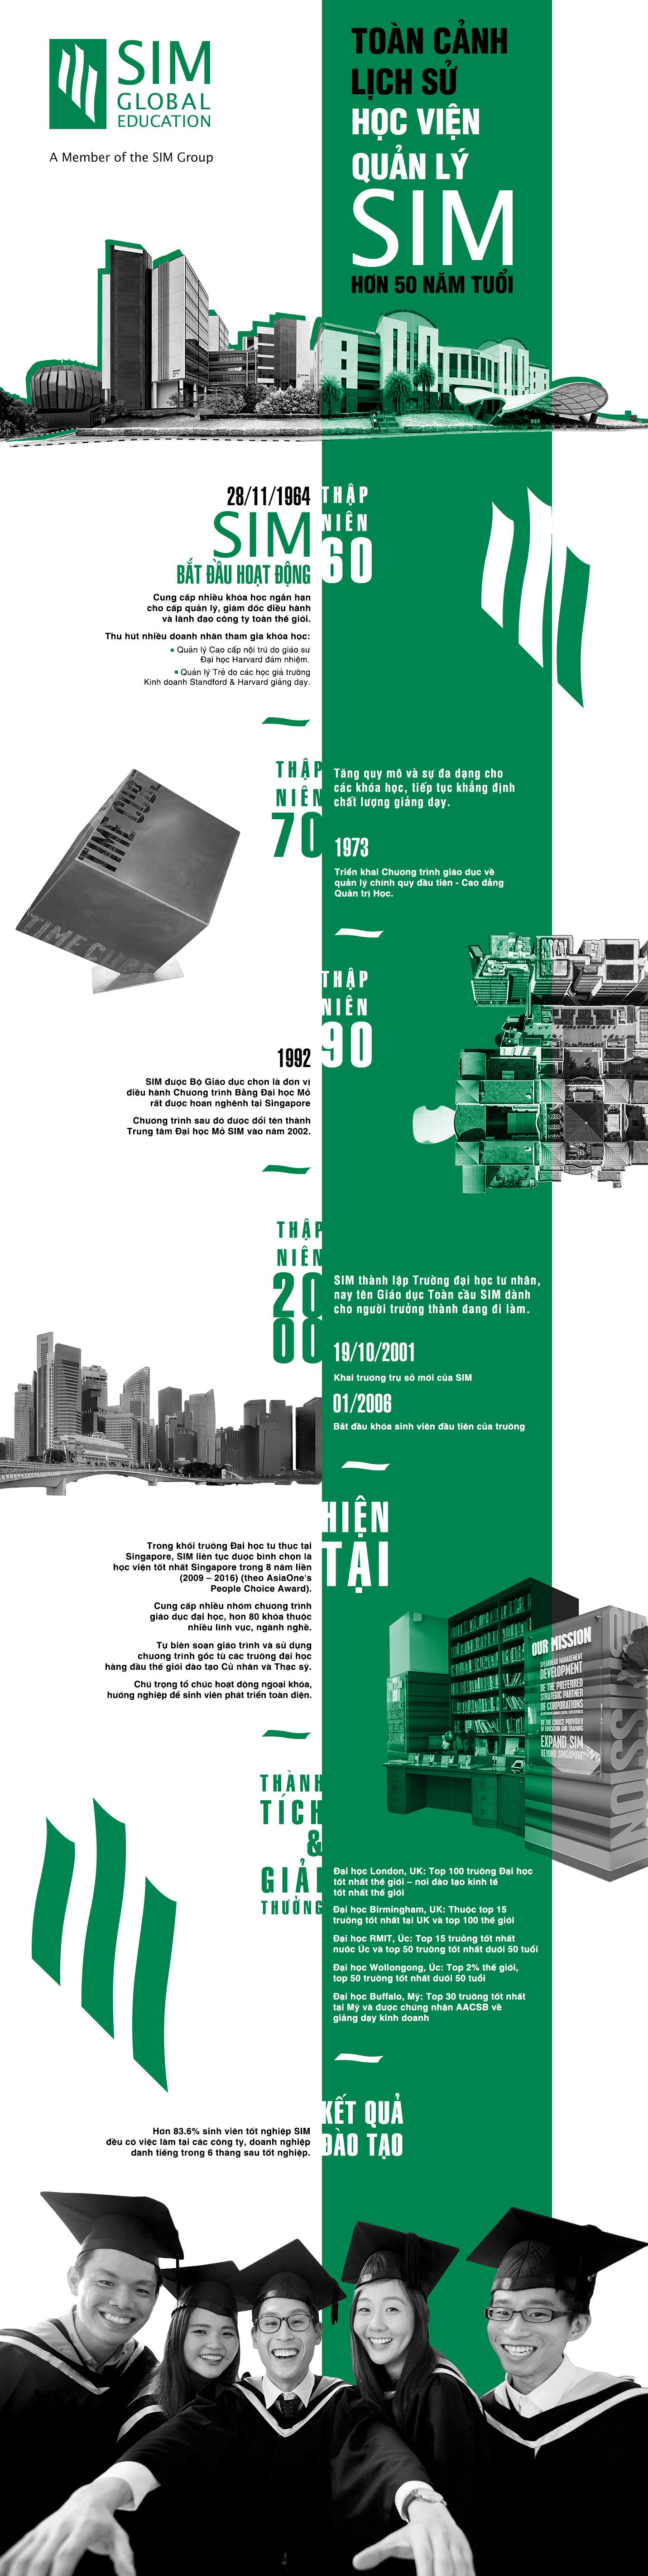 """Đọc nhanh, nắm rõ lịch sử """"Học viện Quản lý SIM"""" - Đại học Singapore hơn 40 năm tuổi - Ảnh 1."""